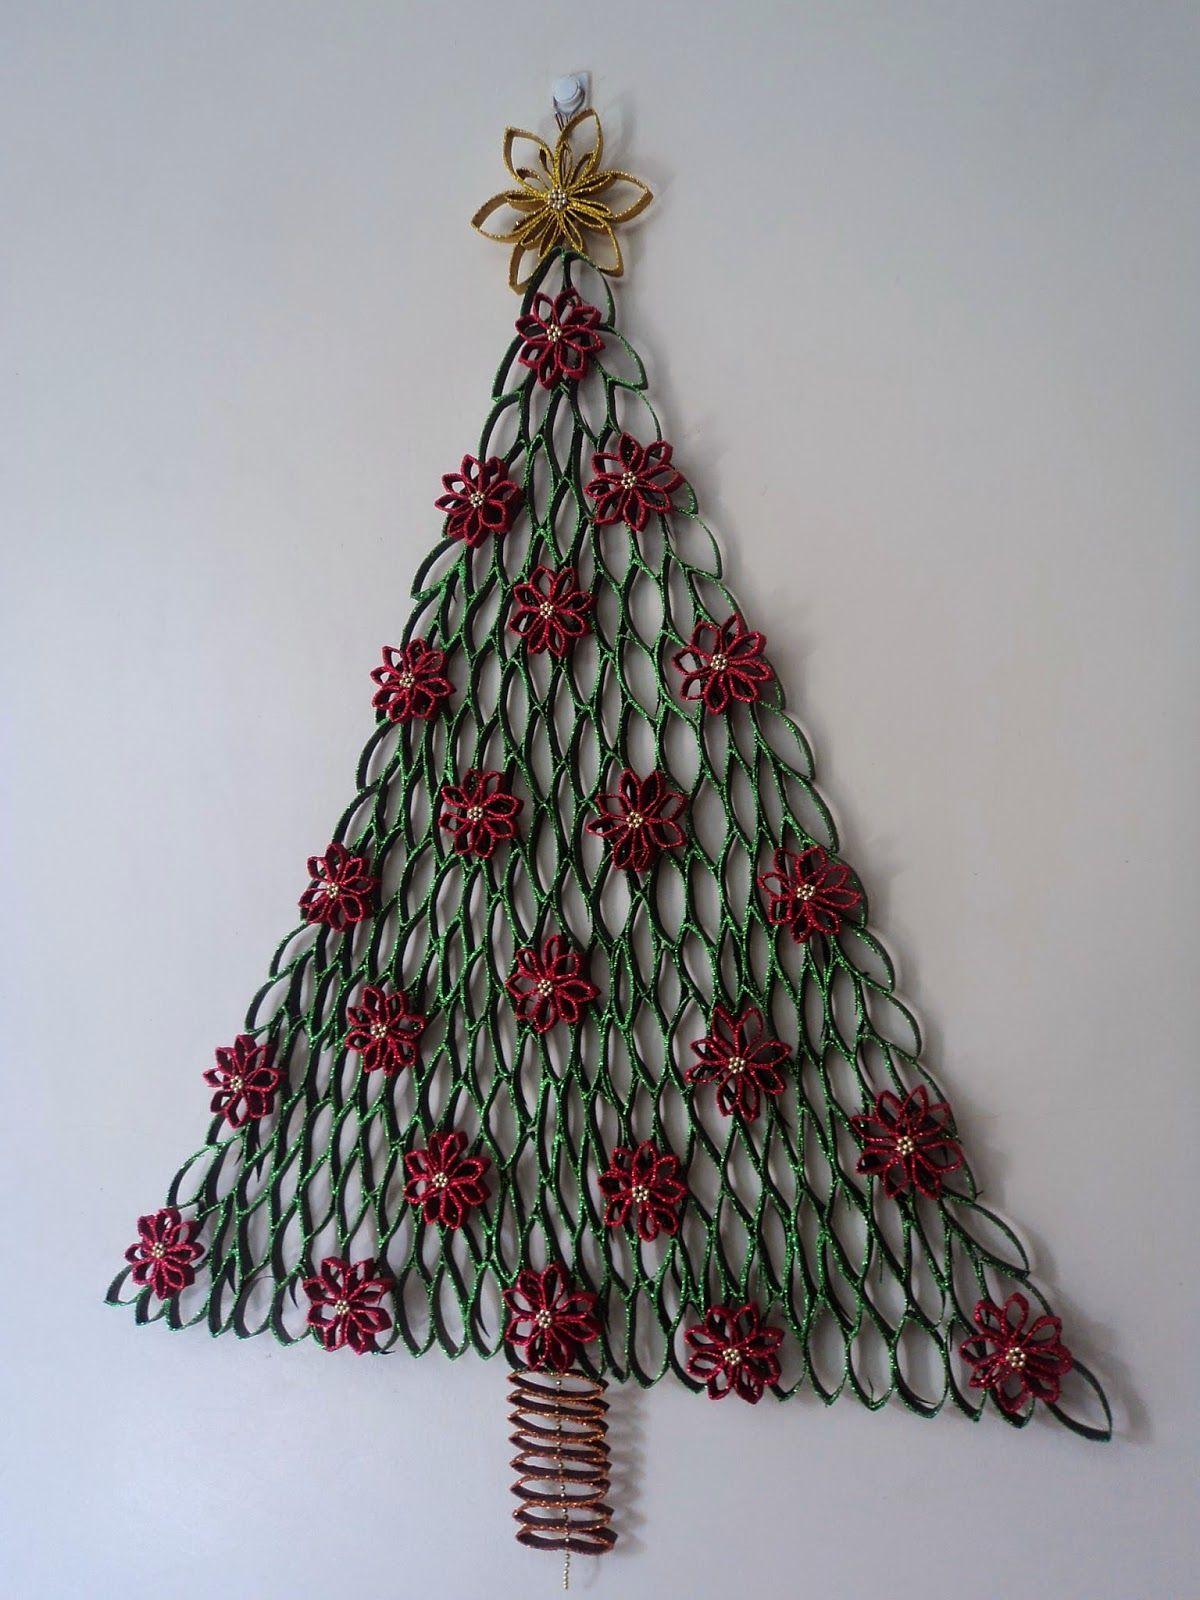 Manualidades para navidad con rollos de papel higienico - Adornos de navidad con papel ...